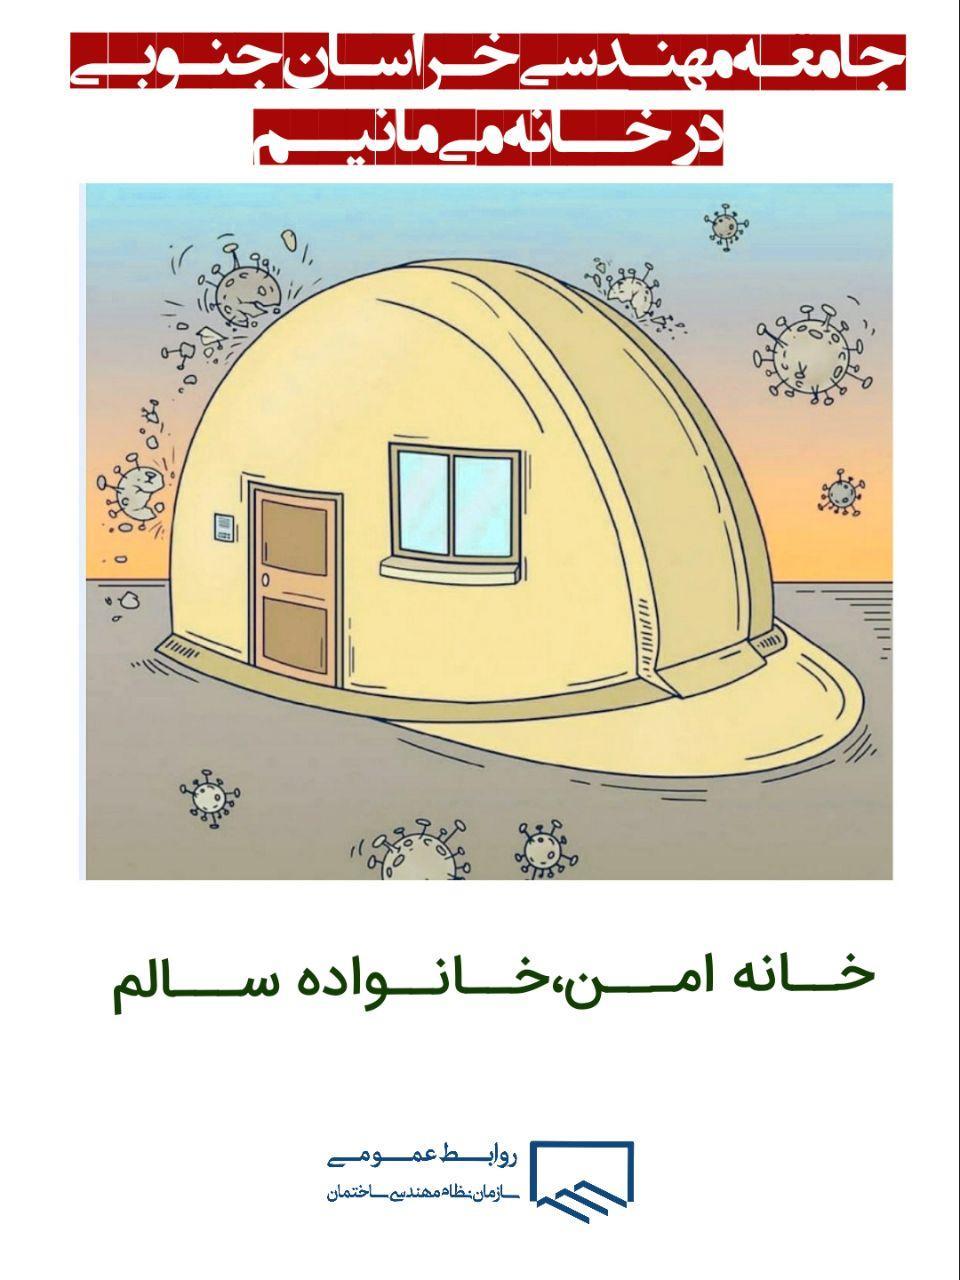 خانه امن-خانواده سالم